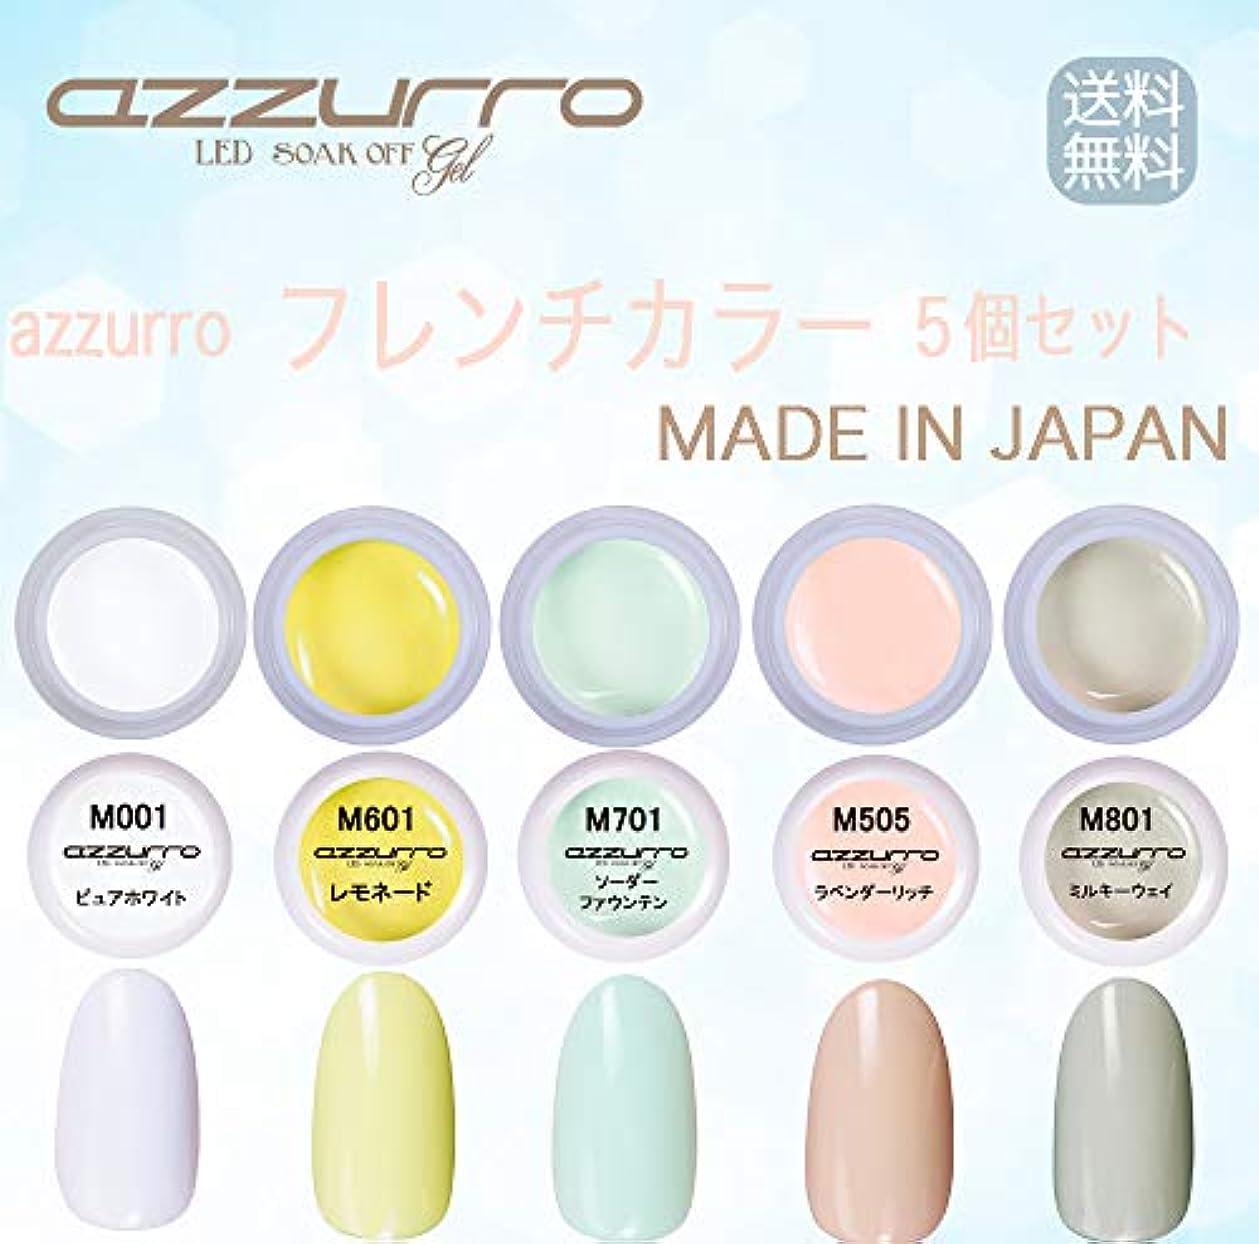 ランデブー直感アパート【送料無料】日本製 azzurro gel フレンチカラージェル5個セット 春にピッタリでかわいいフレンチネイルにピッタリなカラー